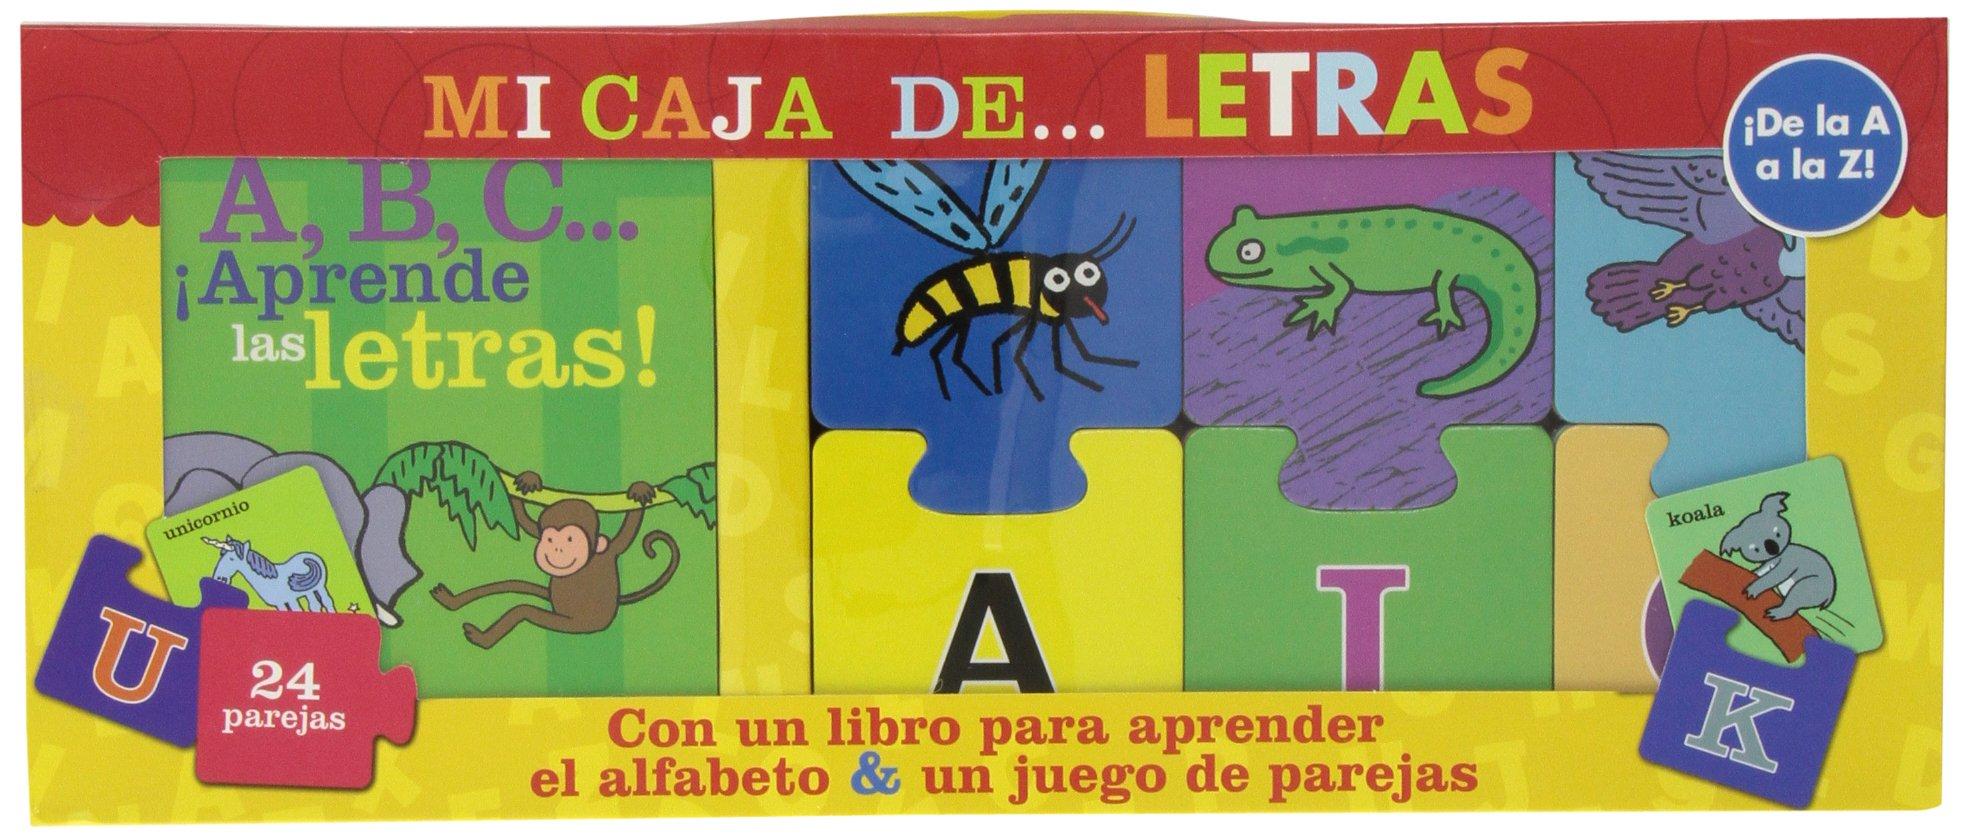 Mi caja de... LETRAS: 150703 (Juega y aprende): Amazon.es: /: Libros